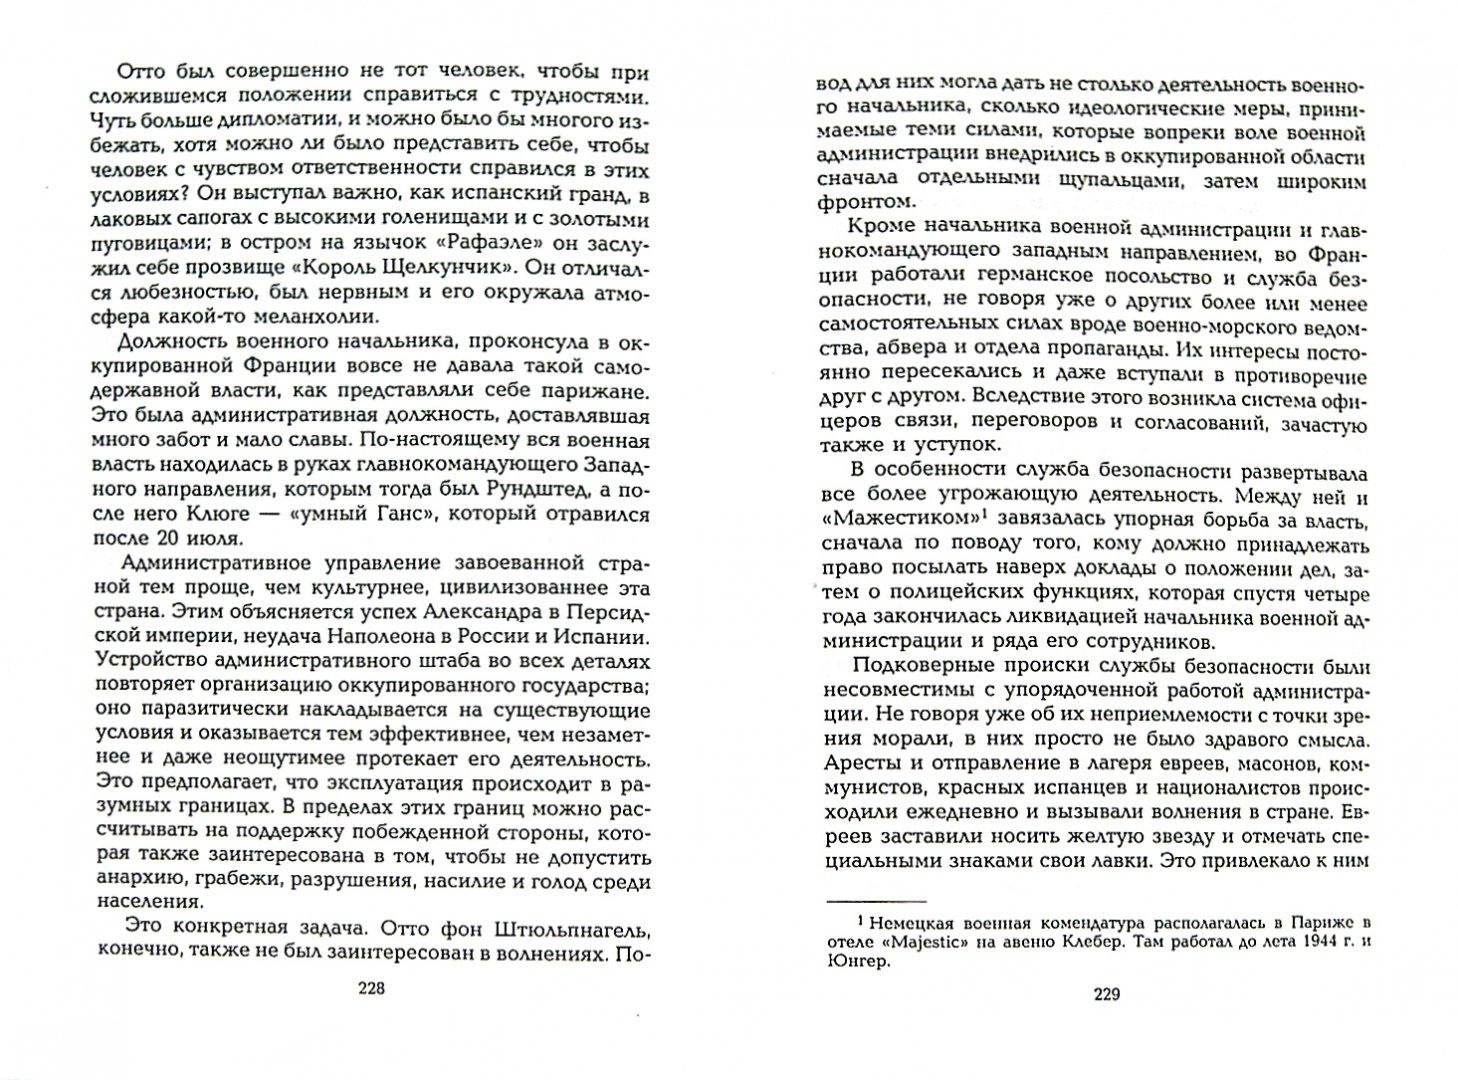 Иллюстрация 1 из 27 для Годы оккупации (апрель 1945 - декабрь 1948) - Эрнст Юнгер   Лабиринт - книги. Источник: Лабиринт